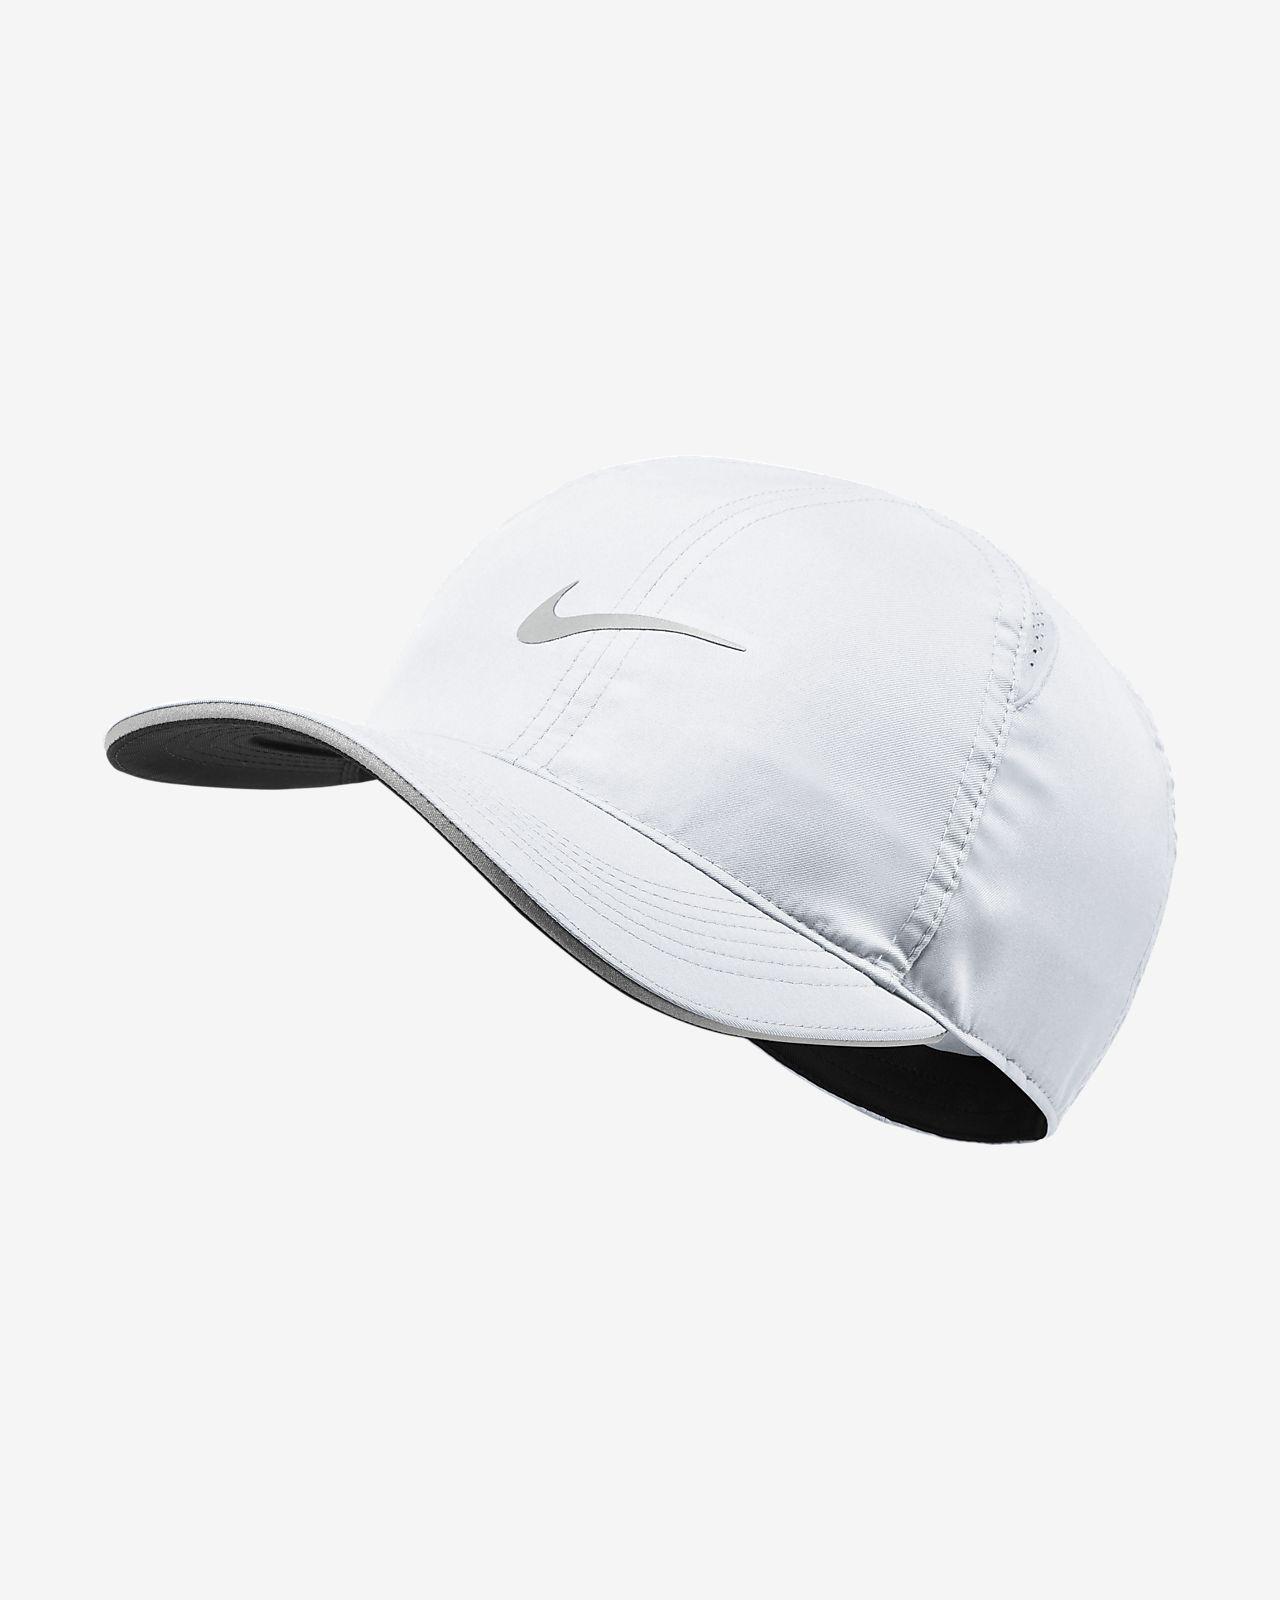 Gorra de running Nike AeroBill Featherlight